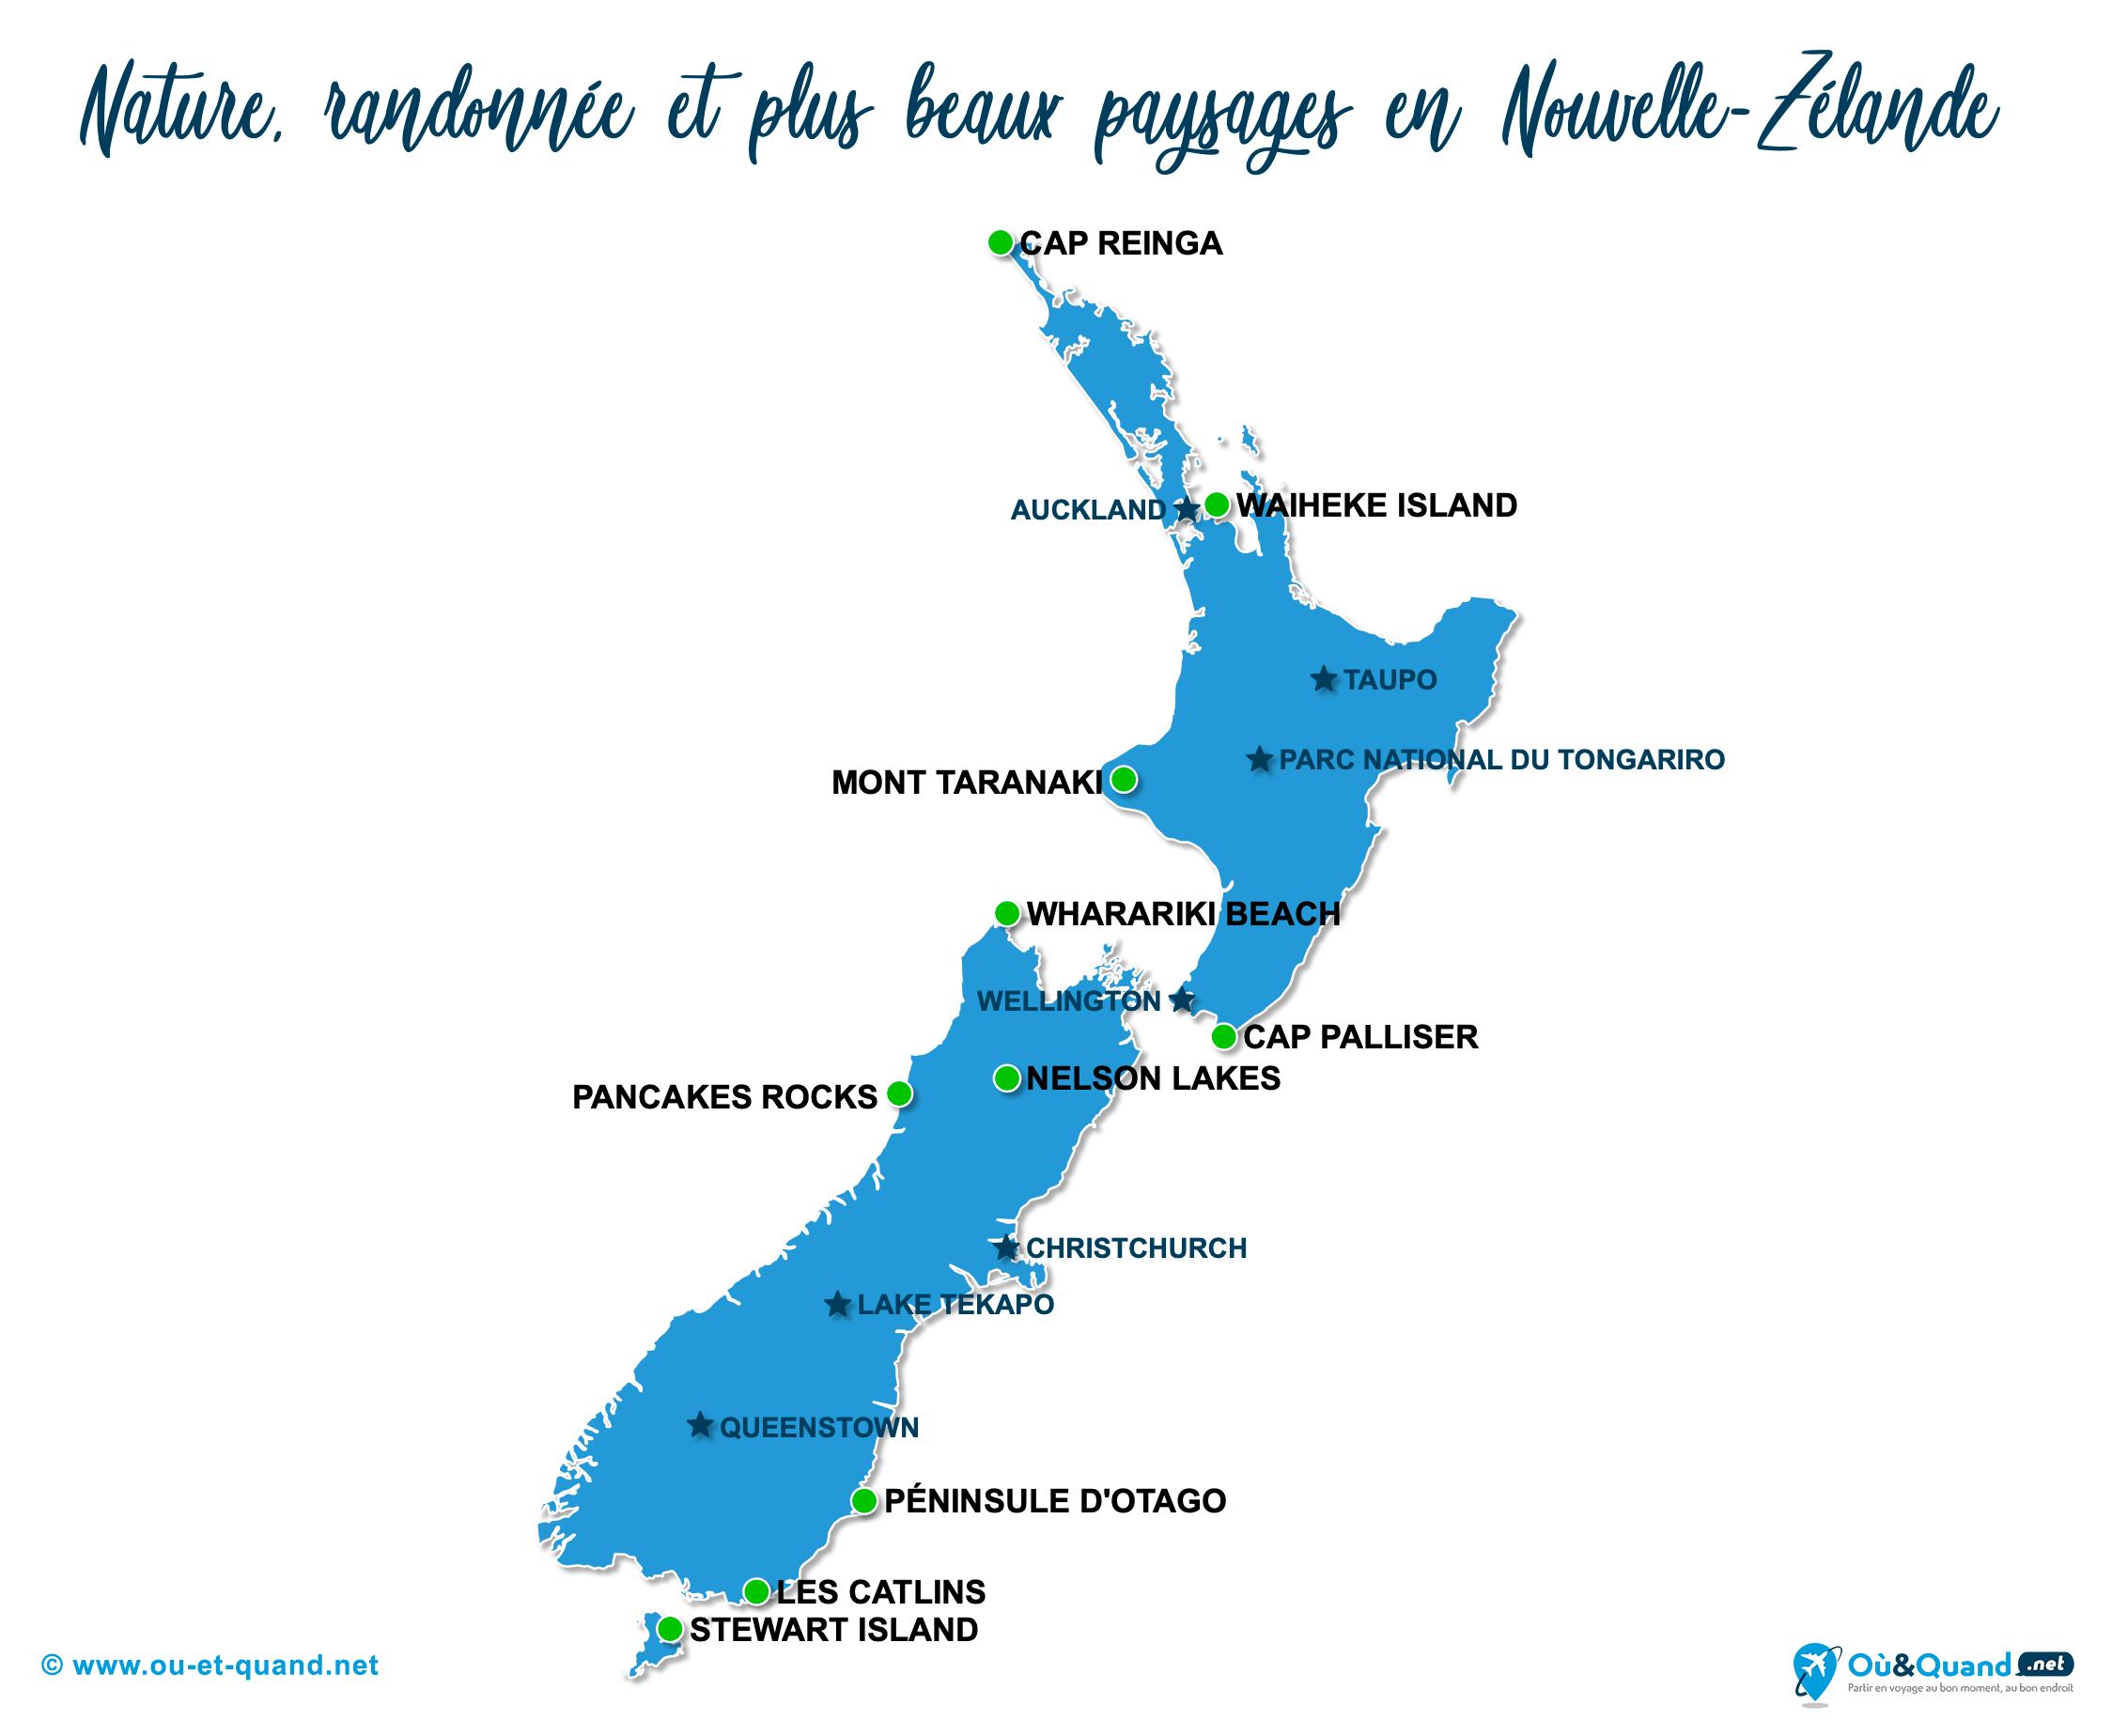 Carte Nouvelle-Zélande : Les plus beaux paysages de la Nouvelle-Zélande